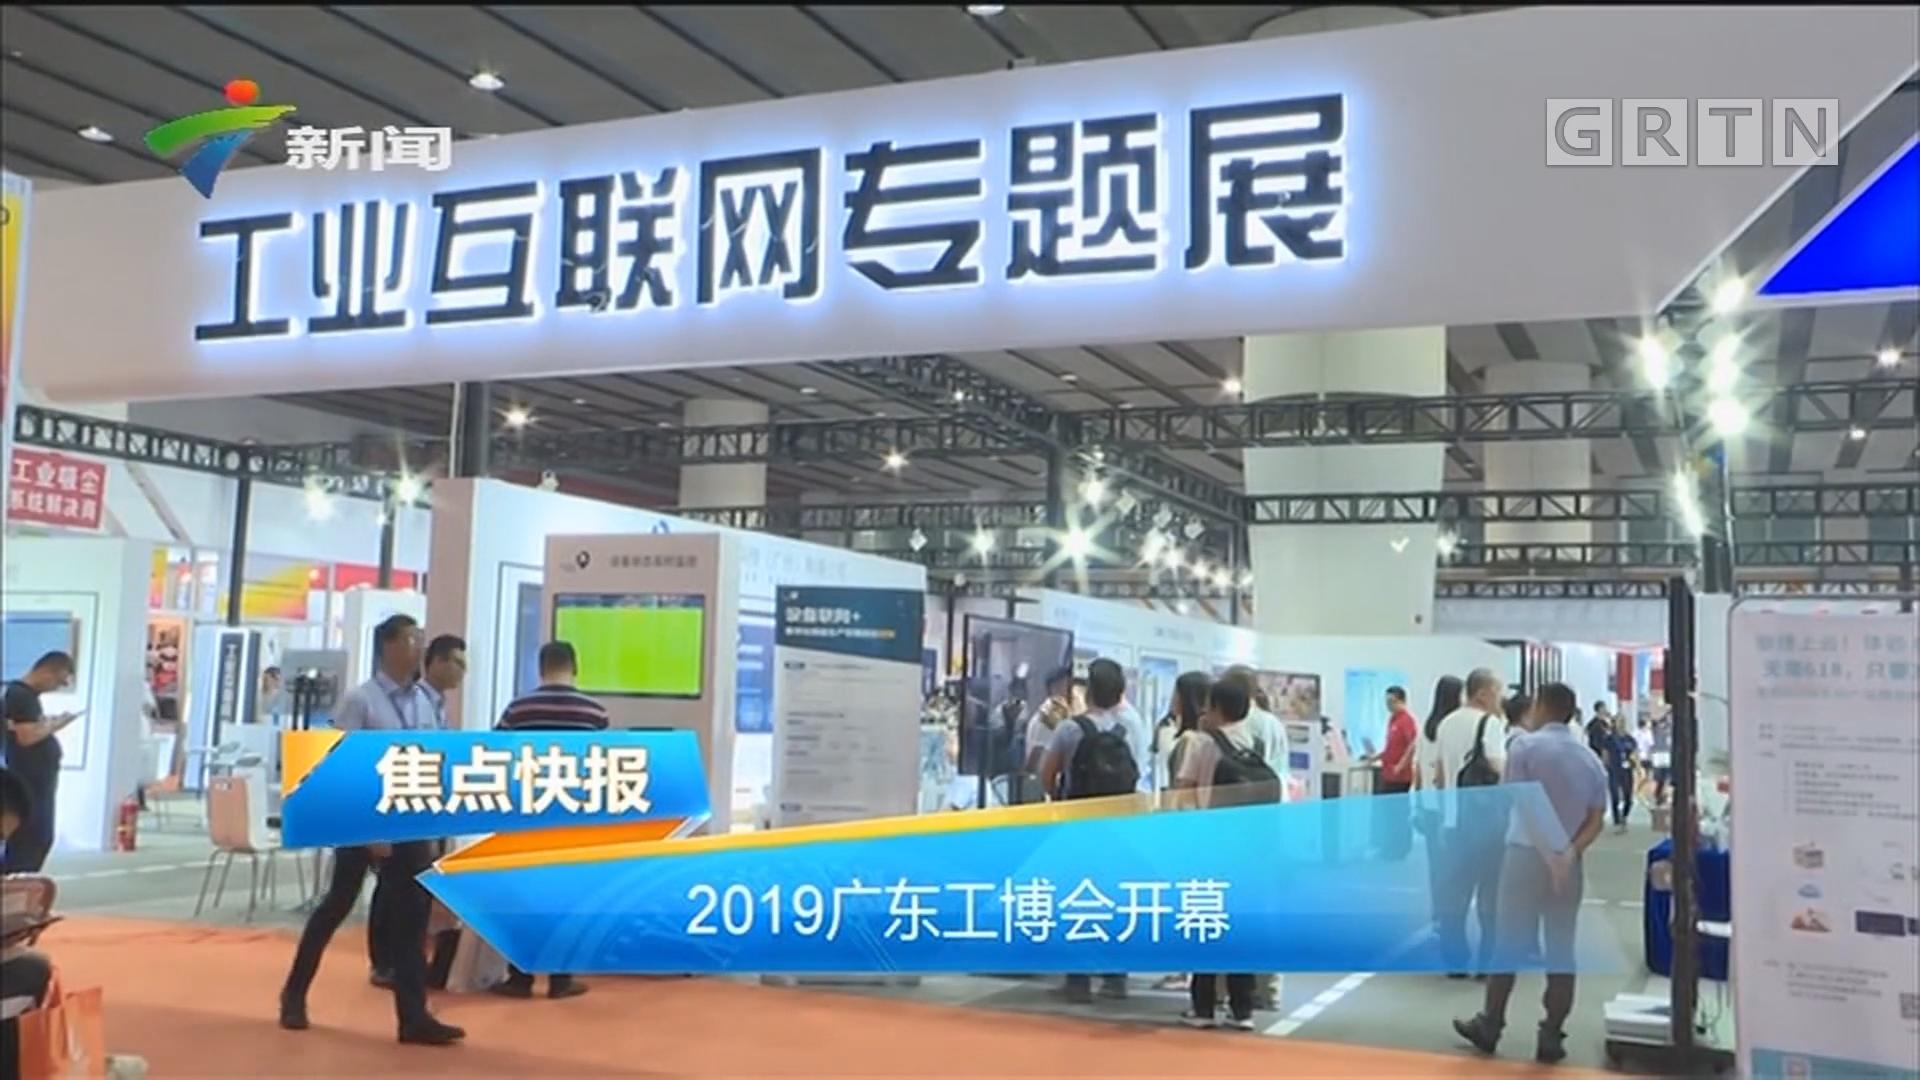 2019广东工博会开幕